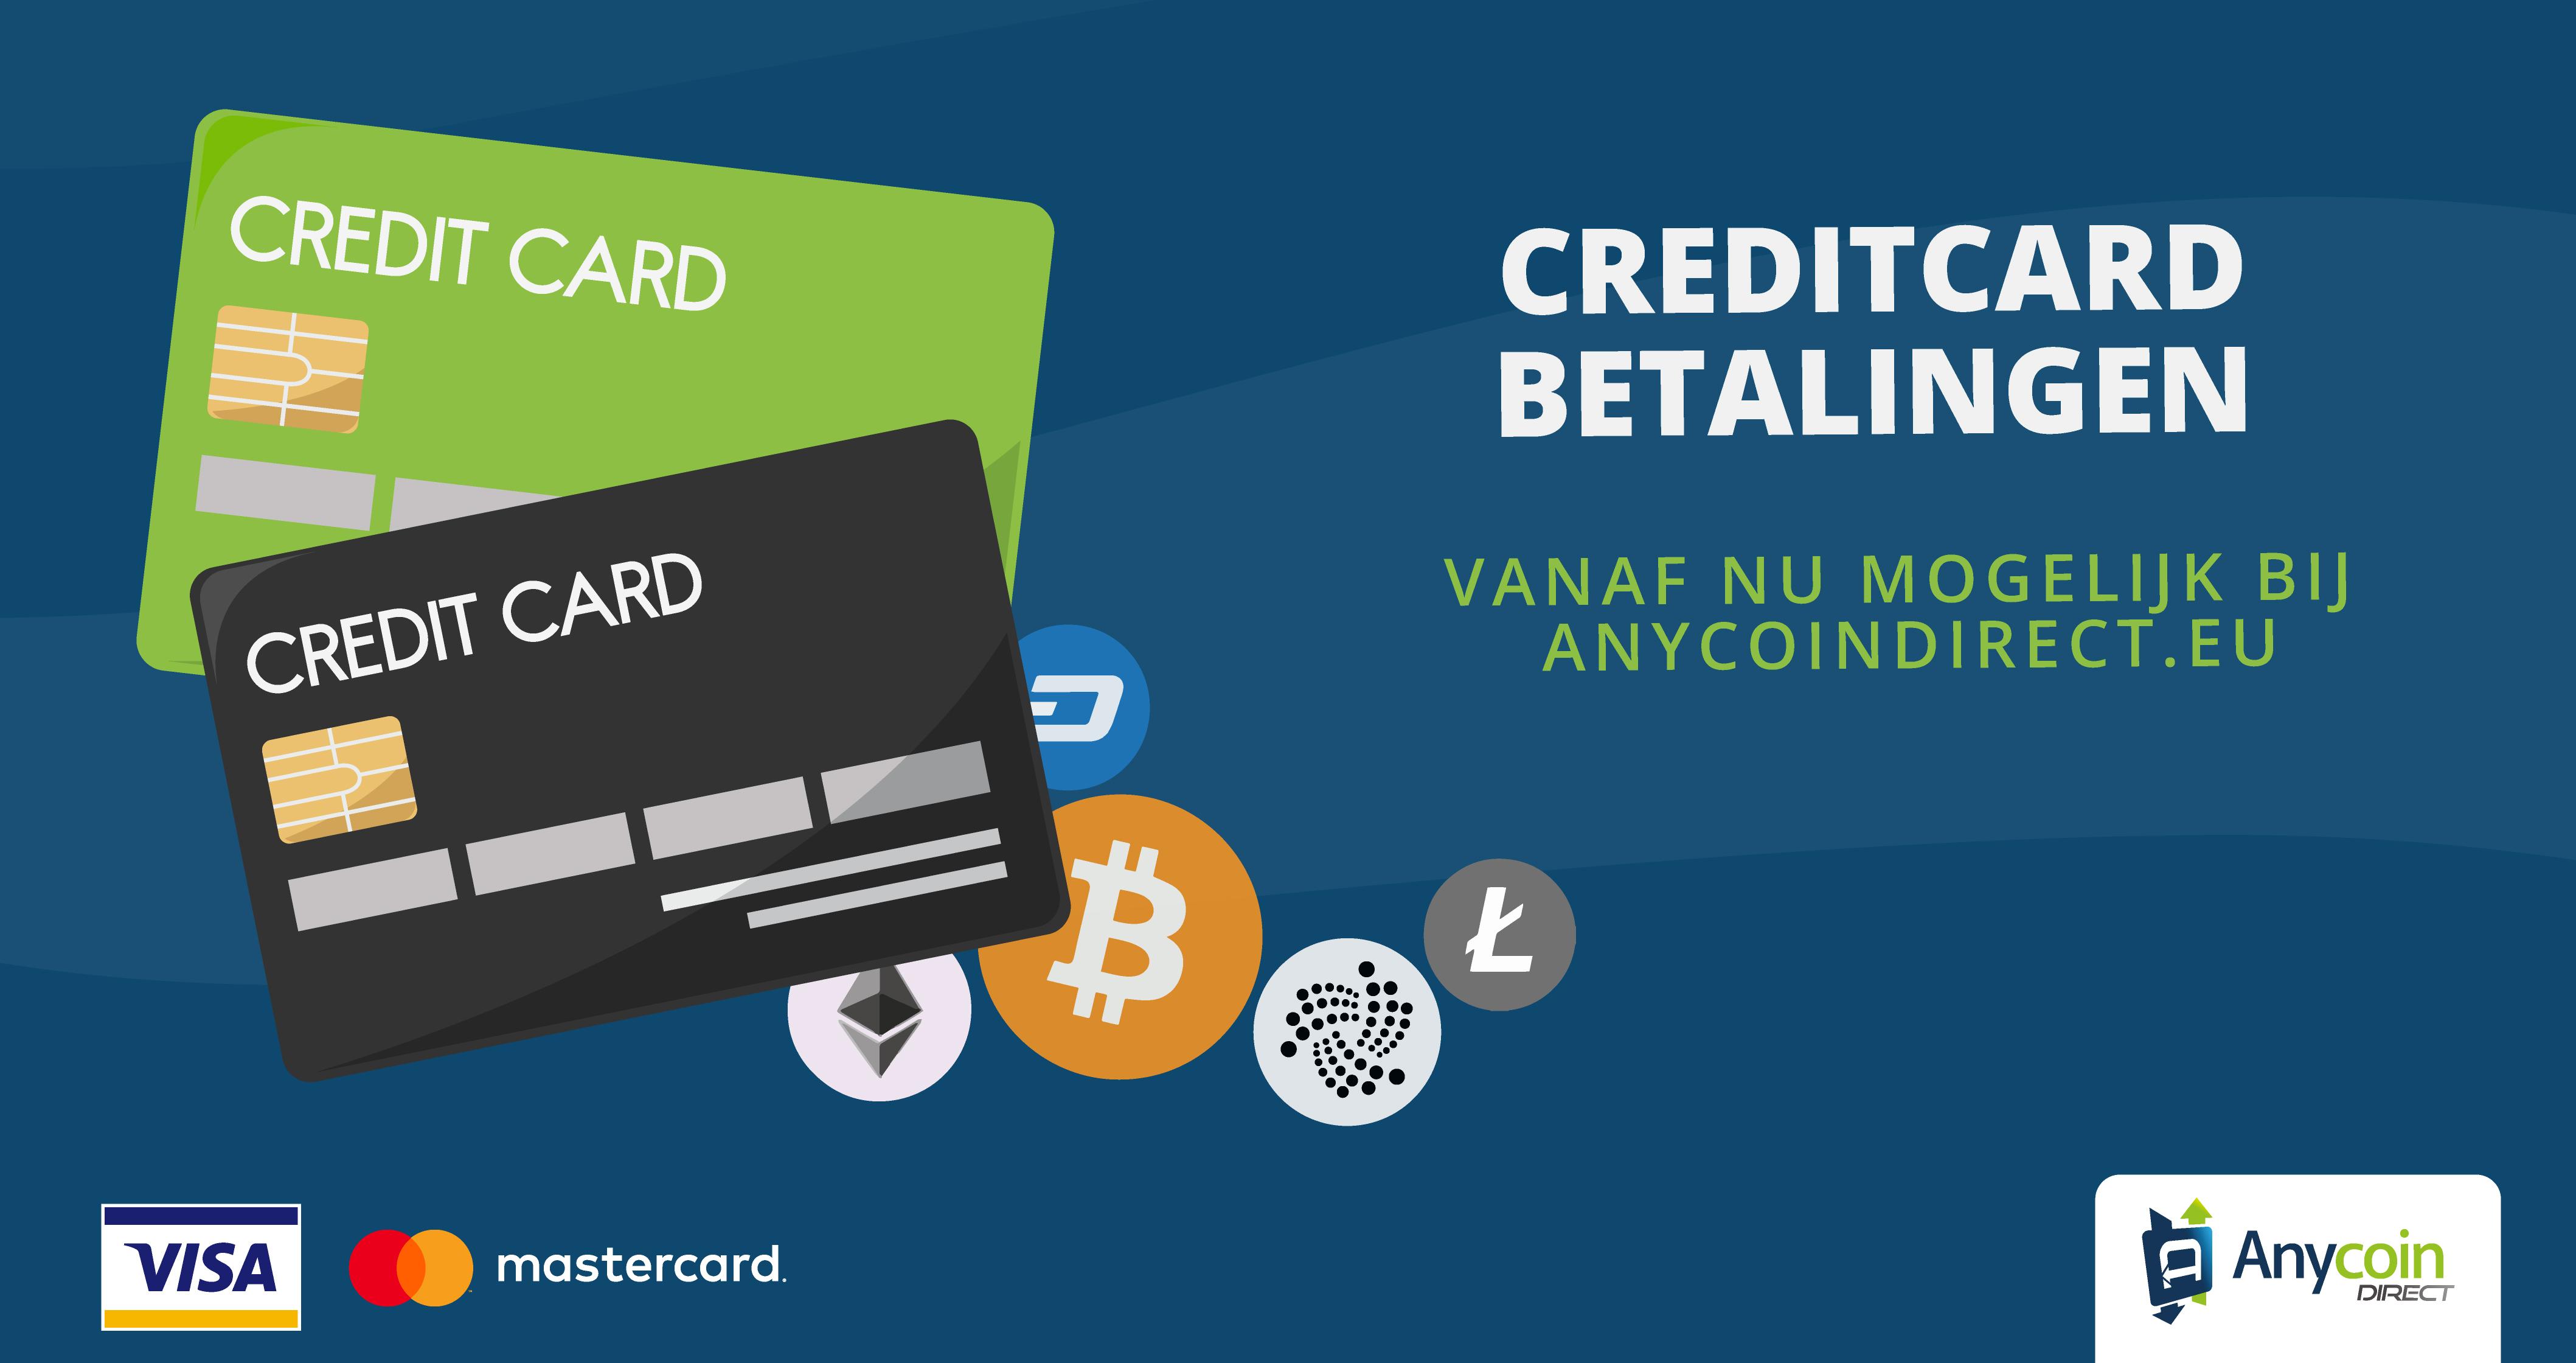 Anycoin Direct voegt creditcard betalingen toe aan haar handelsplatform